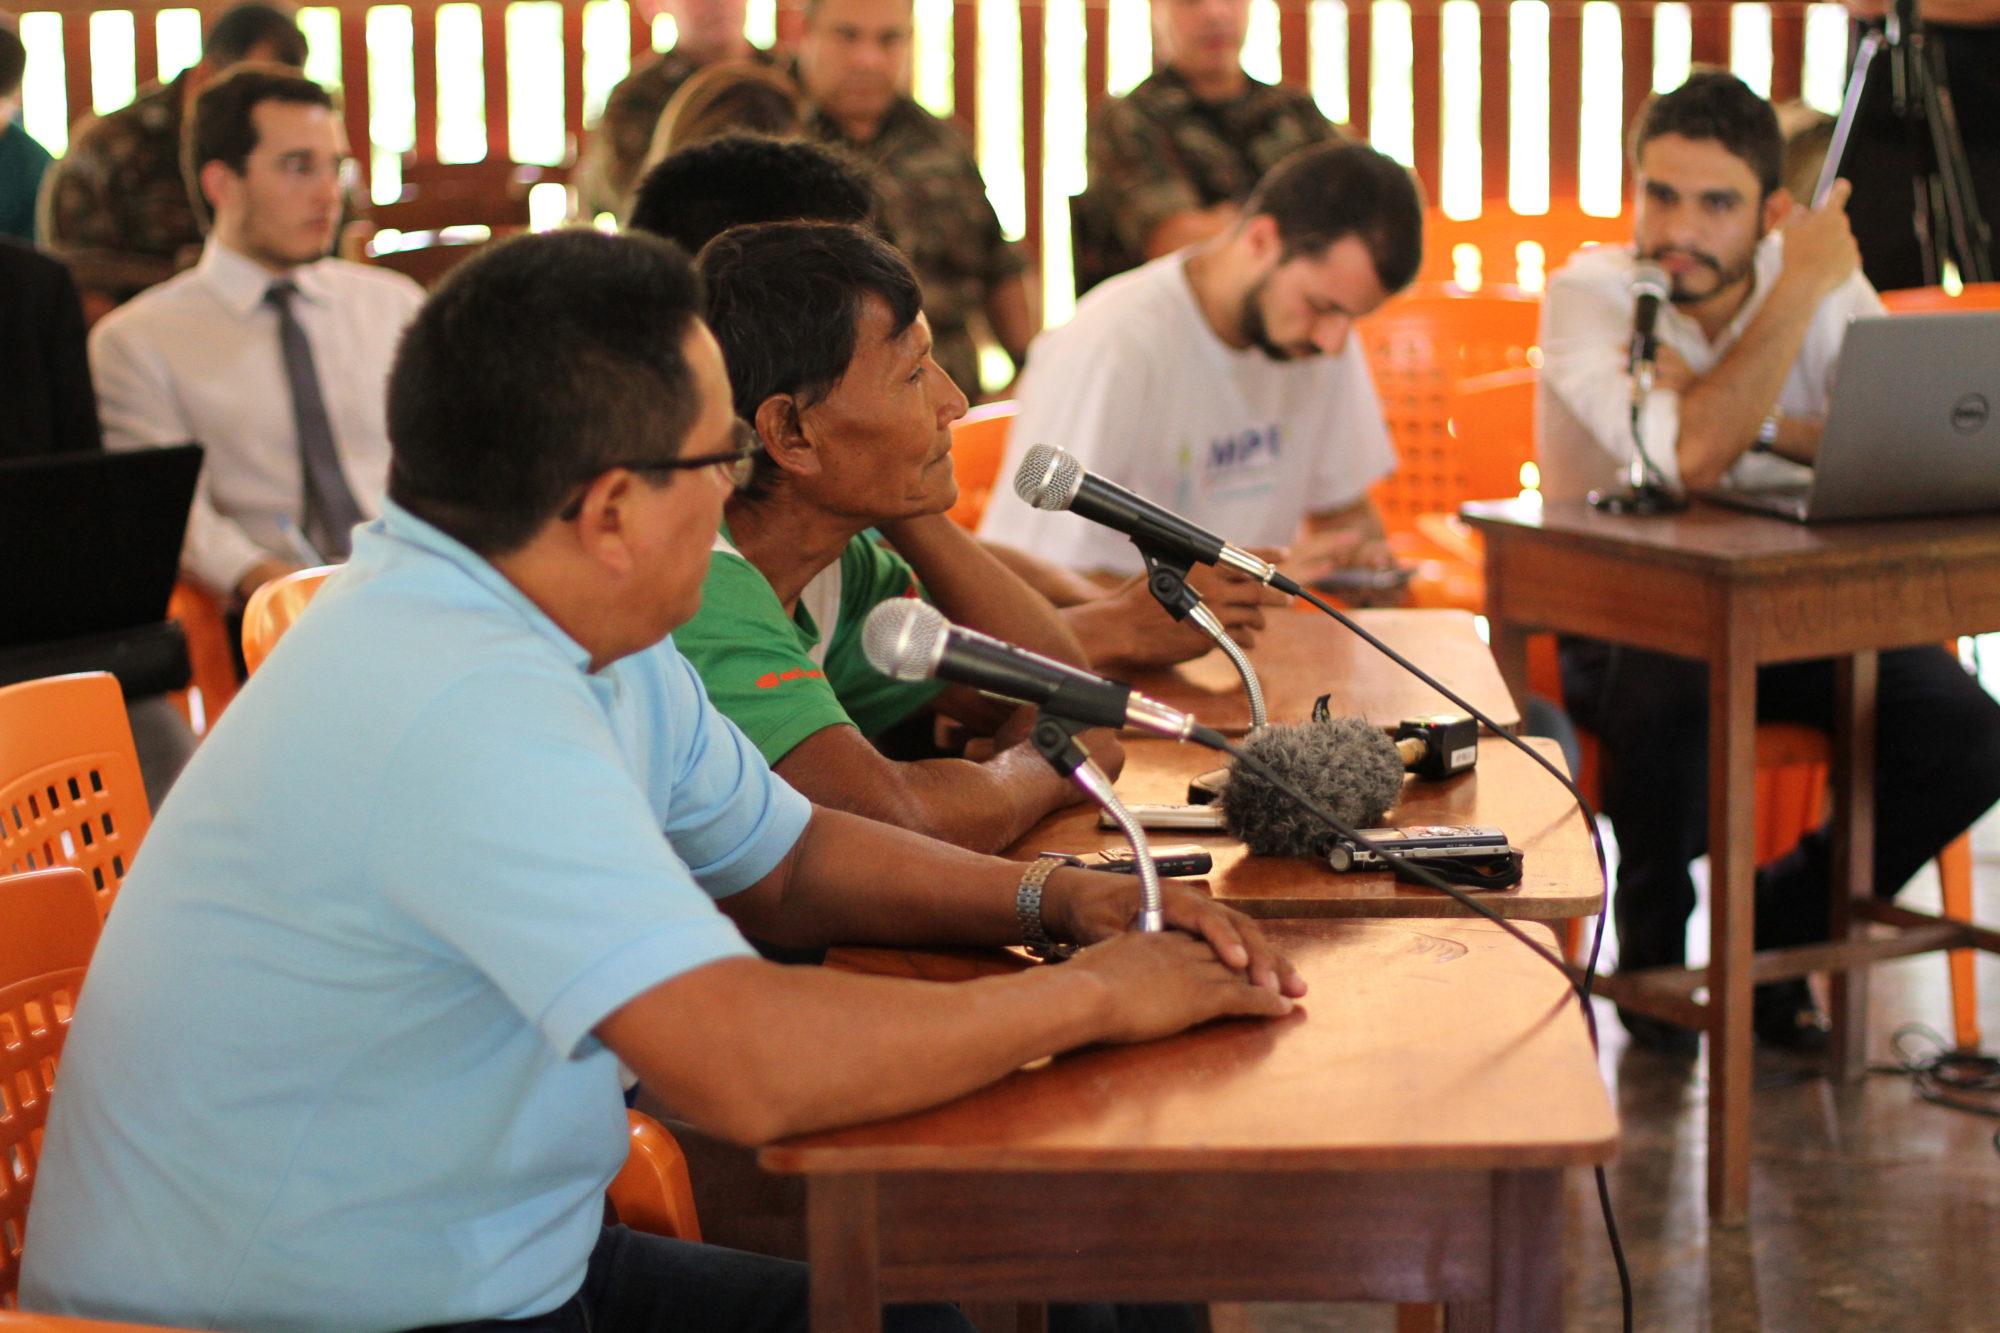 Waimiri-Atroari sobreviventes de genocídio relatam ataques durante obra da BR-174